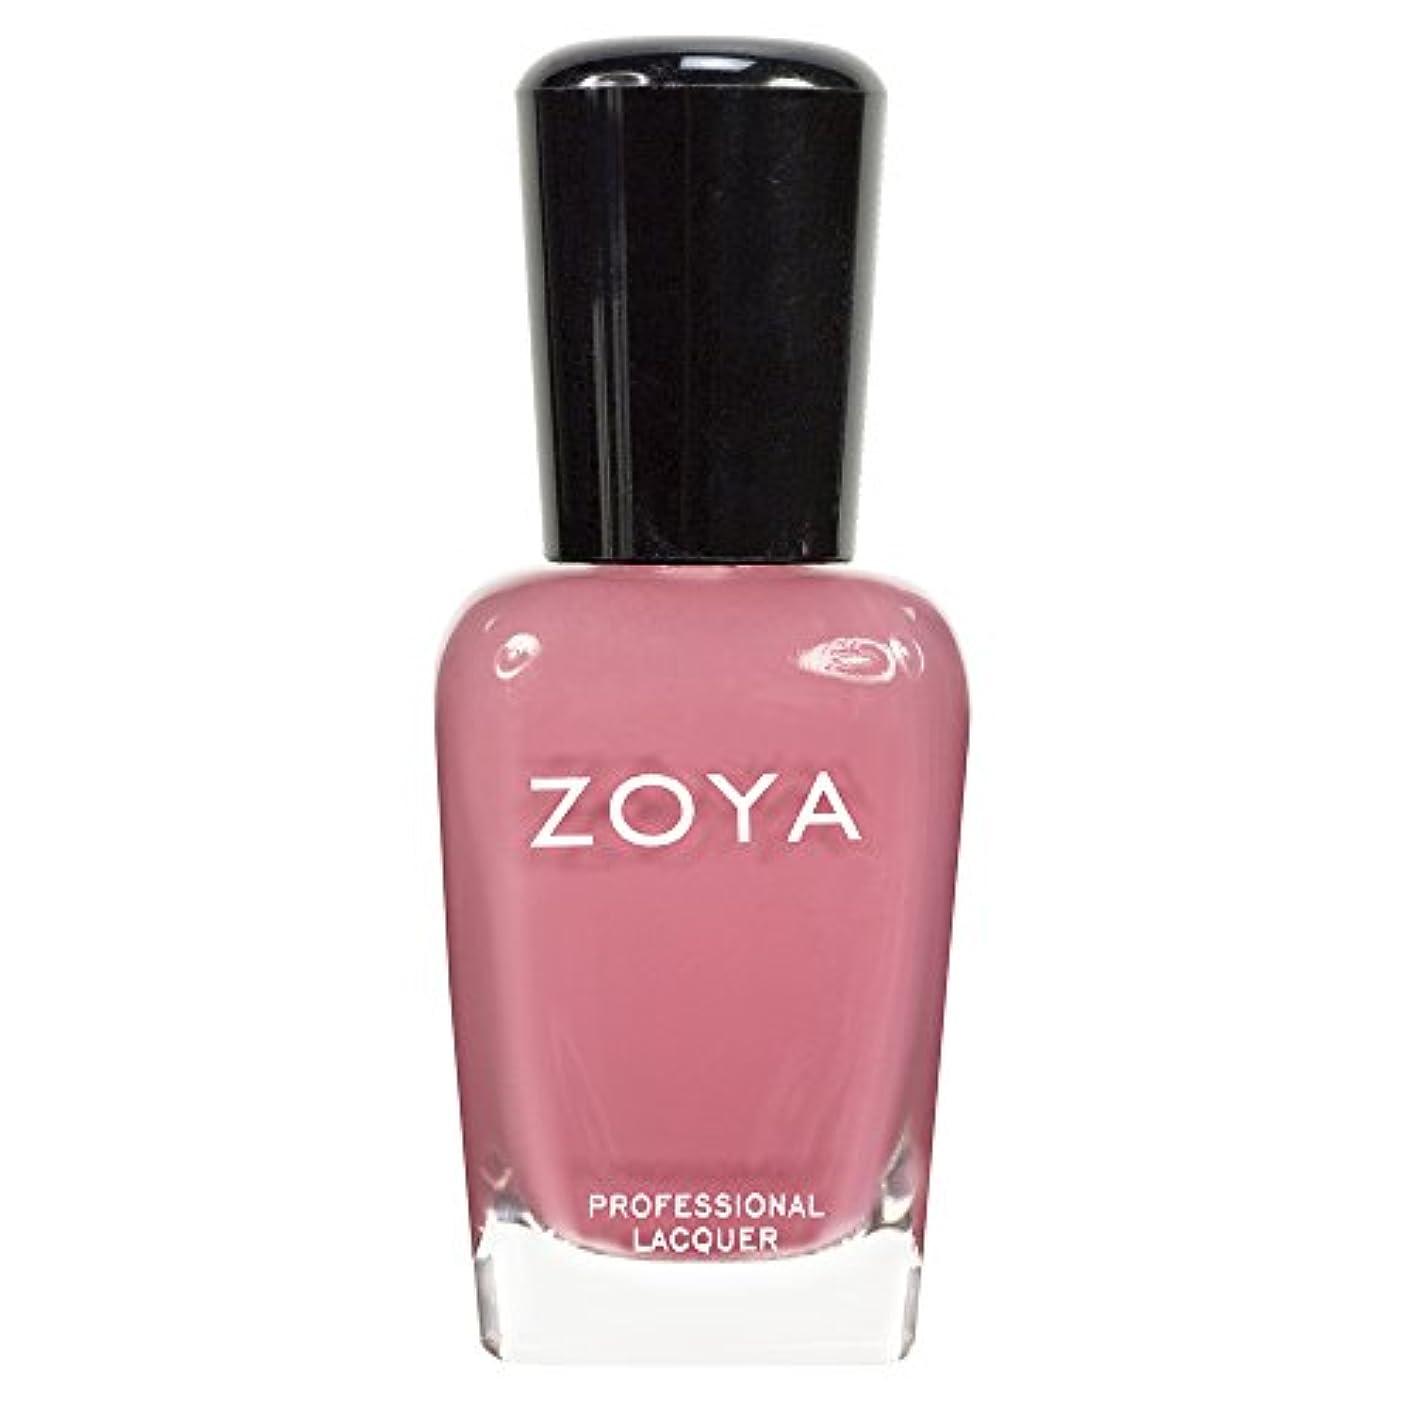 爵キャンペーン旅客ZOYA ゾーヤ ネイルカラーZP436 ZANNA ザンナ  15ml 淡いモーブピンク マット 爪にやさしいネイルラッカーマニキュア